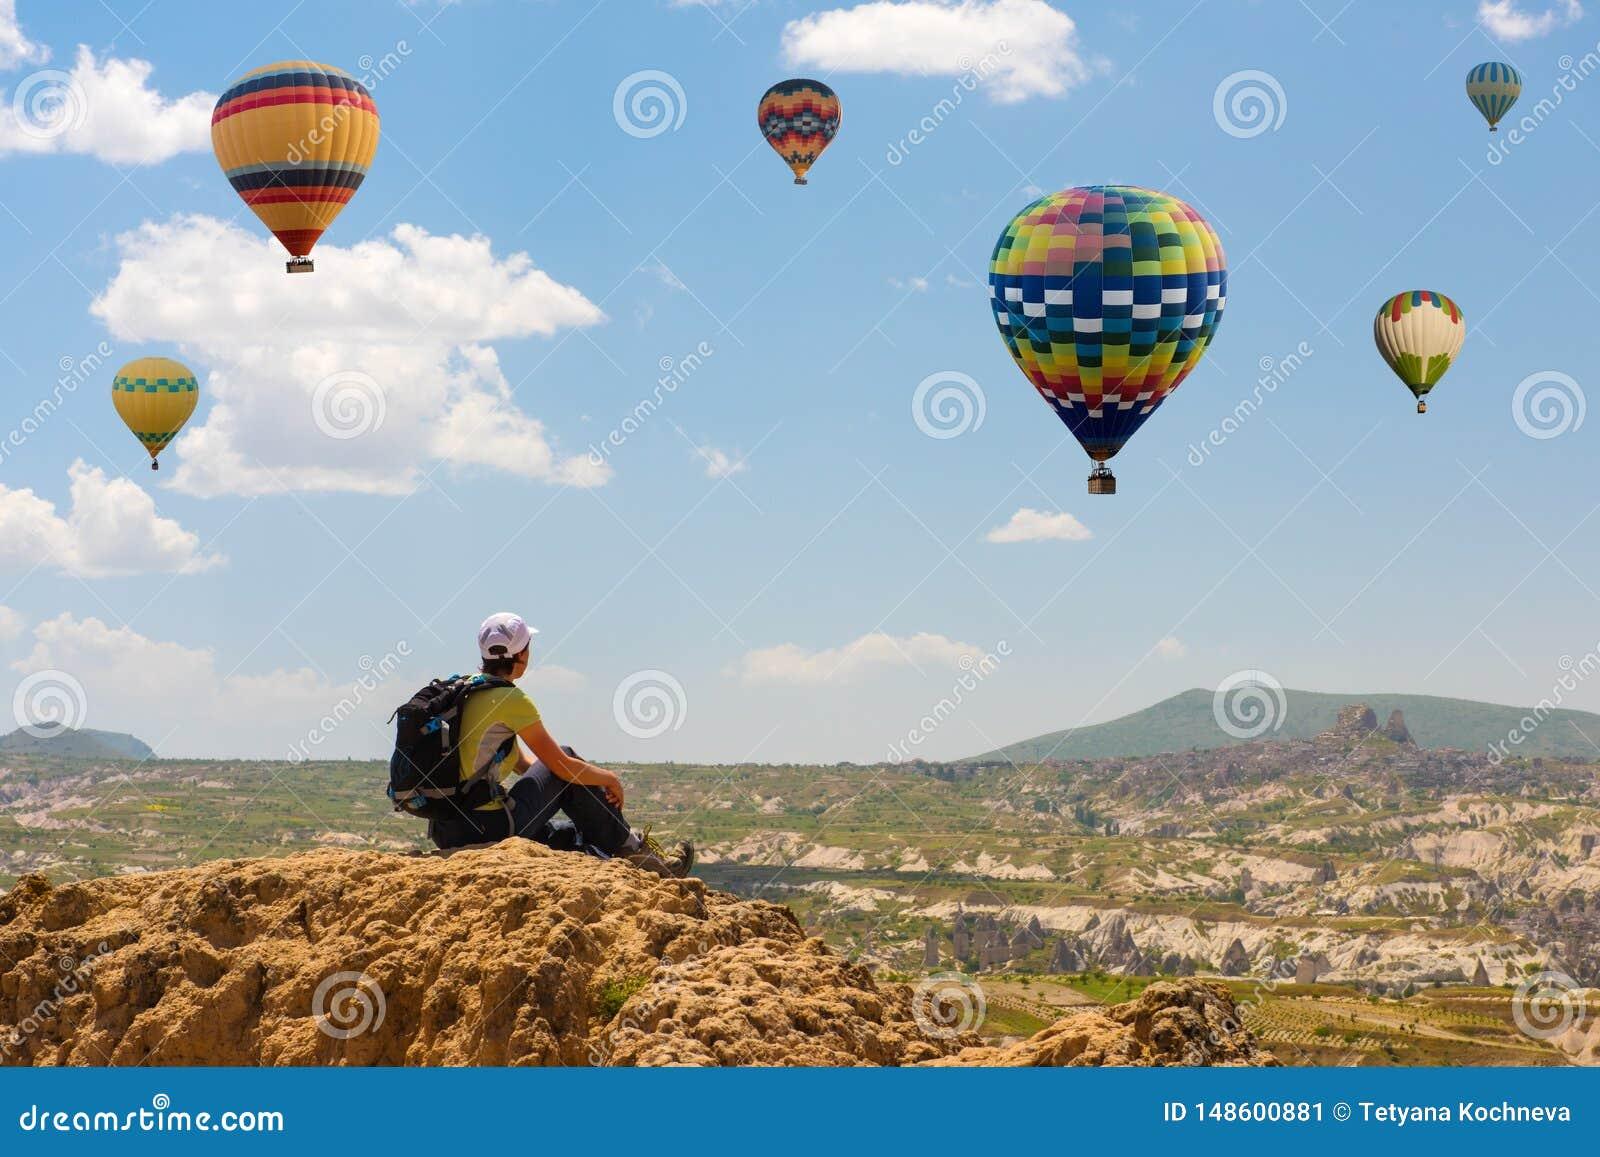 Успешная женщина и горячая мотивация концепции воздушного шара, воодушевленность